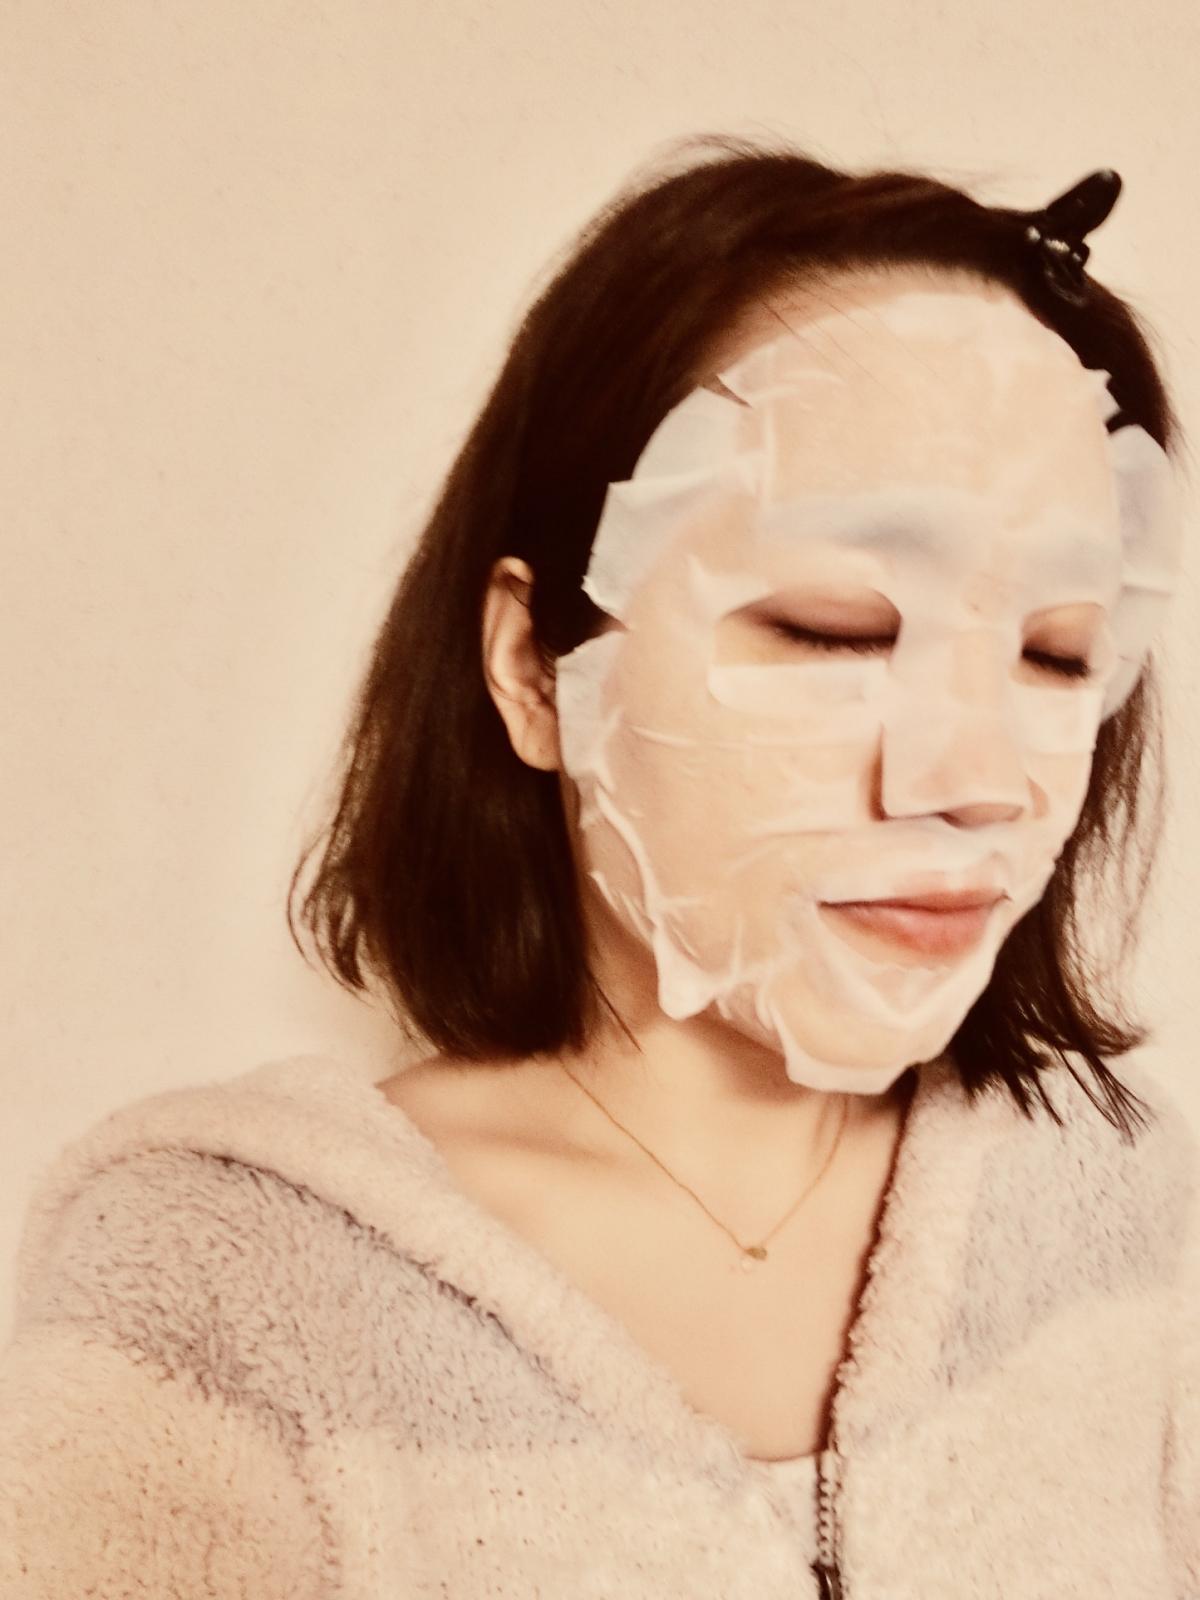 究極のオールインワン!洗顔から化粧下地まで叶うシートマスクって??